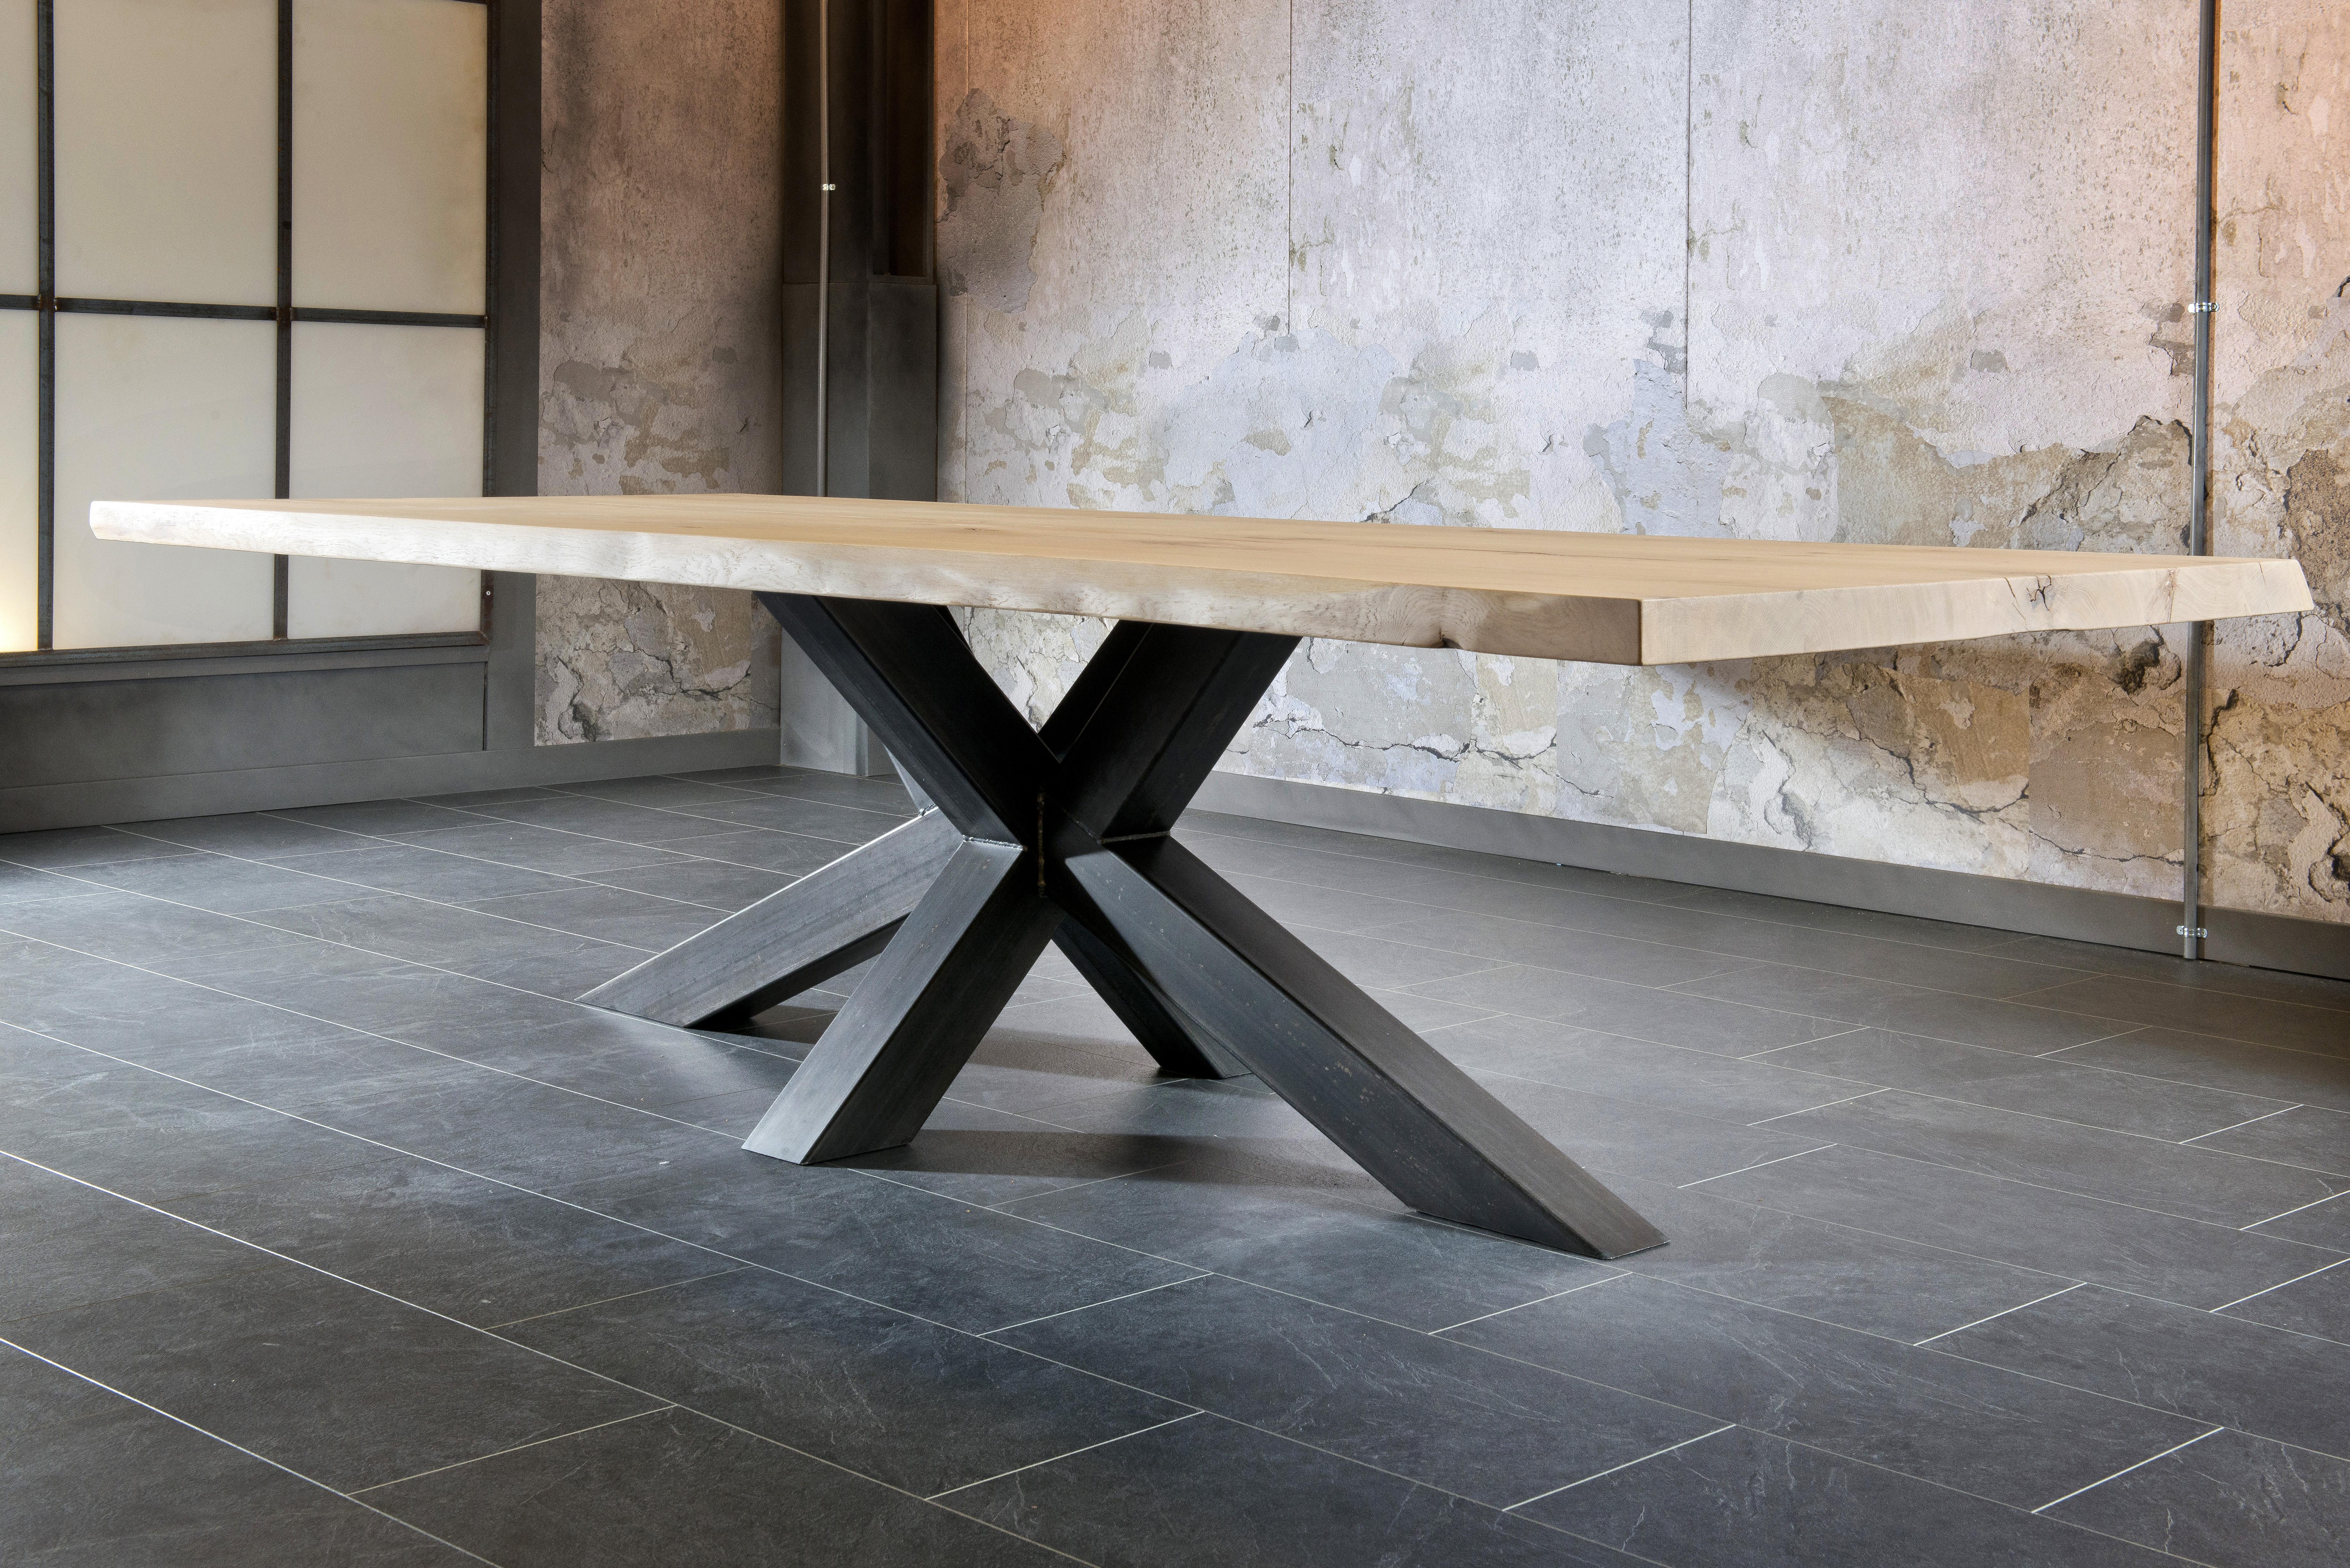 Table Salle A Manger Bois Et Metal Table Basse Noir Et Bois  # Le Catalogue Des Meubles En Bois